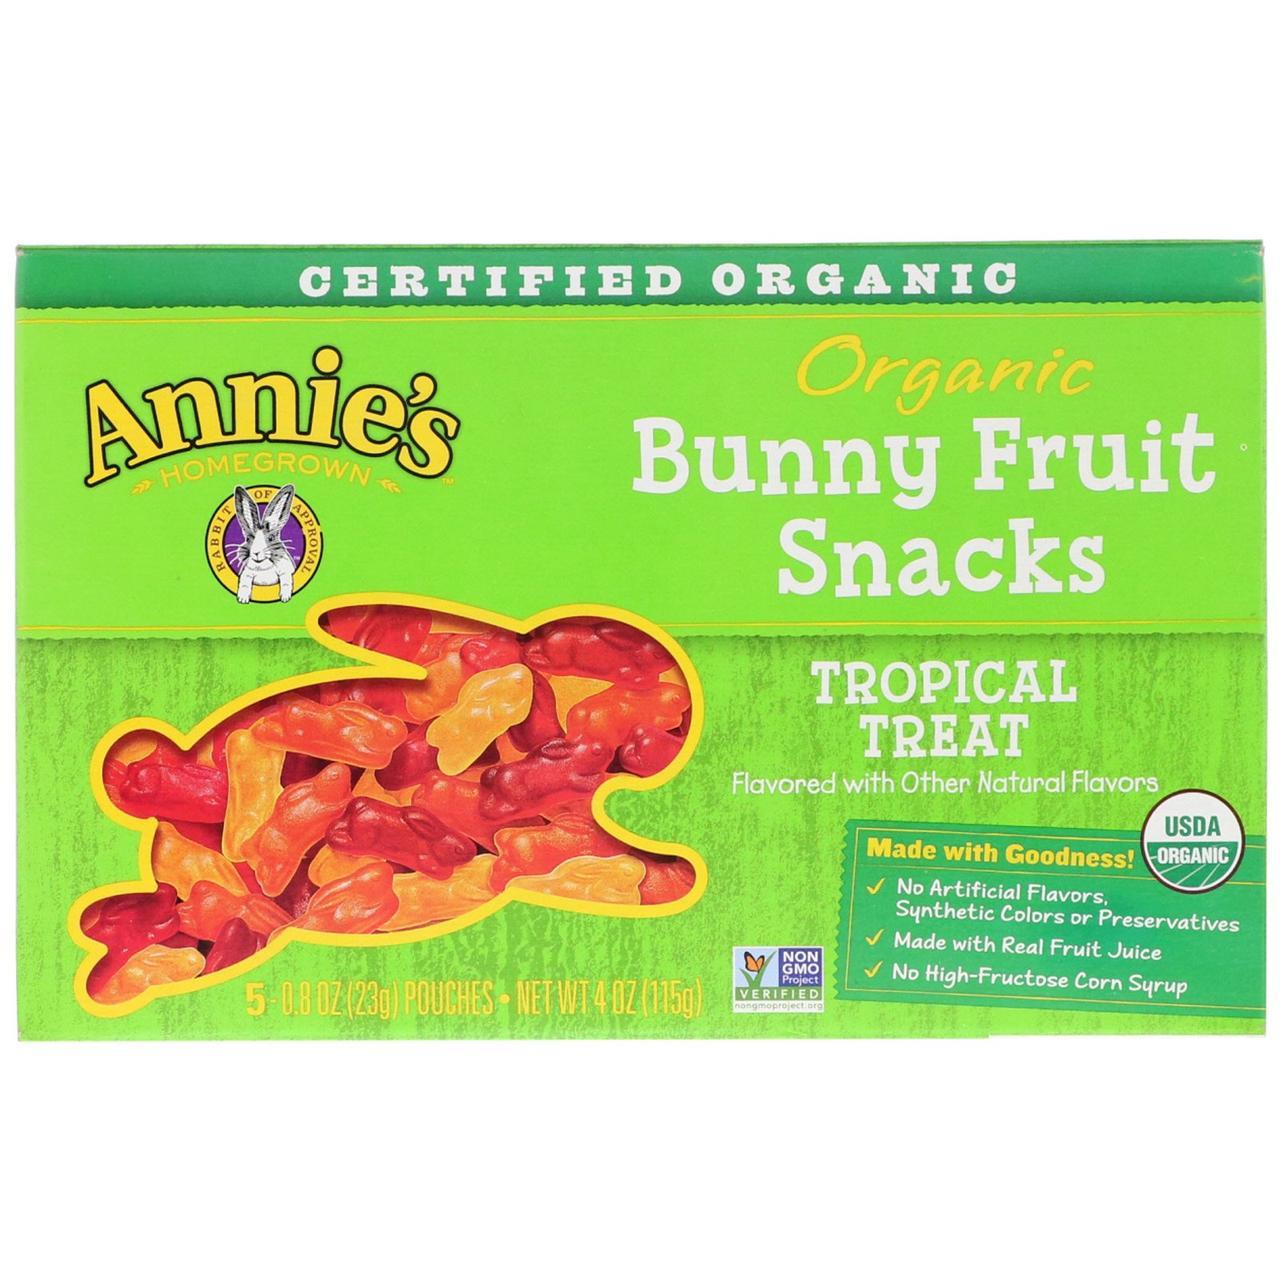 Снеки в виде кроликов, вкус тропик, Bunny Fruit, Annie's Homegrown, 5 пакетов по 23 г